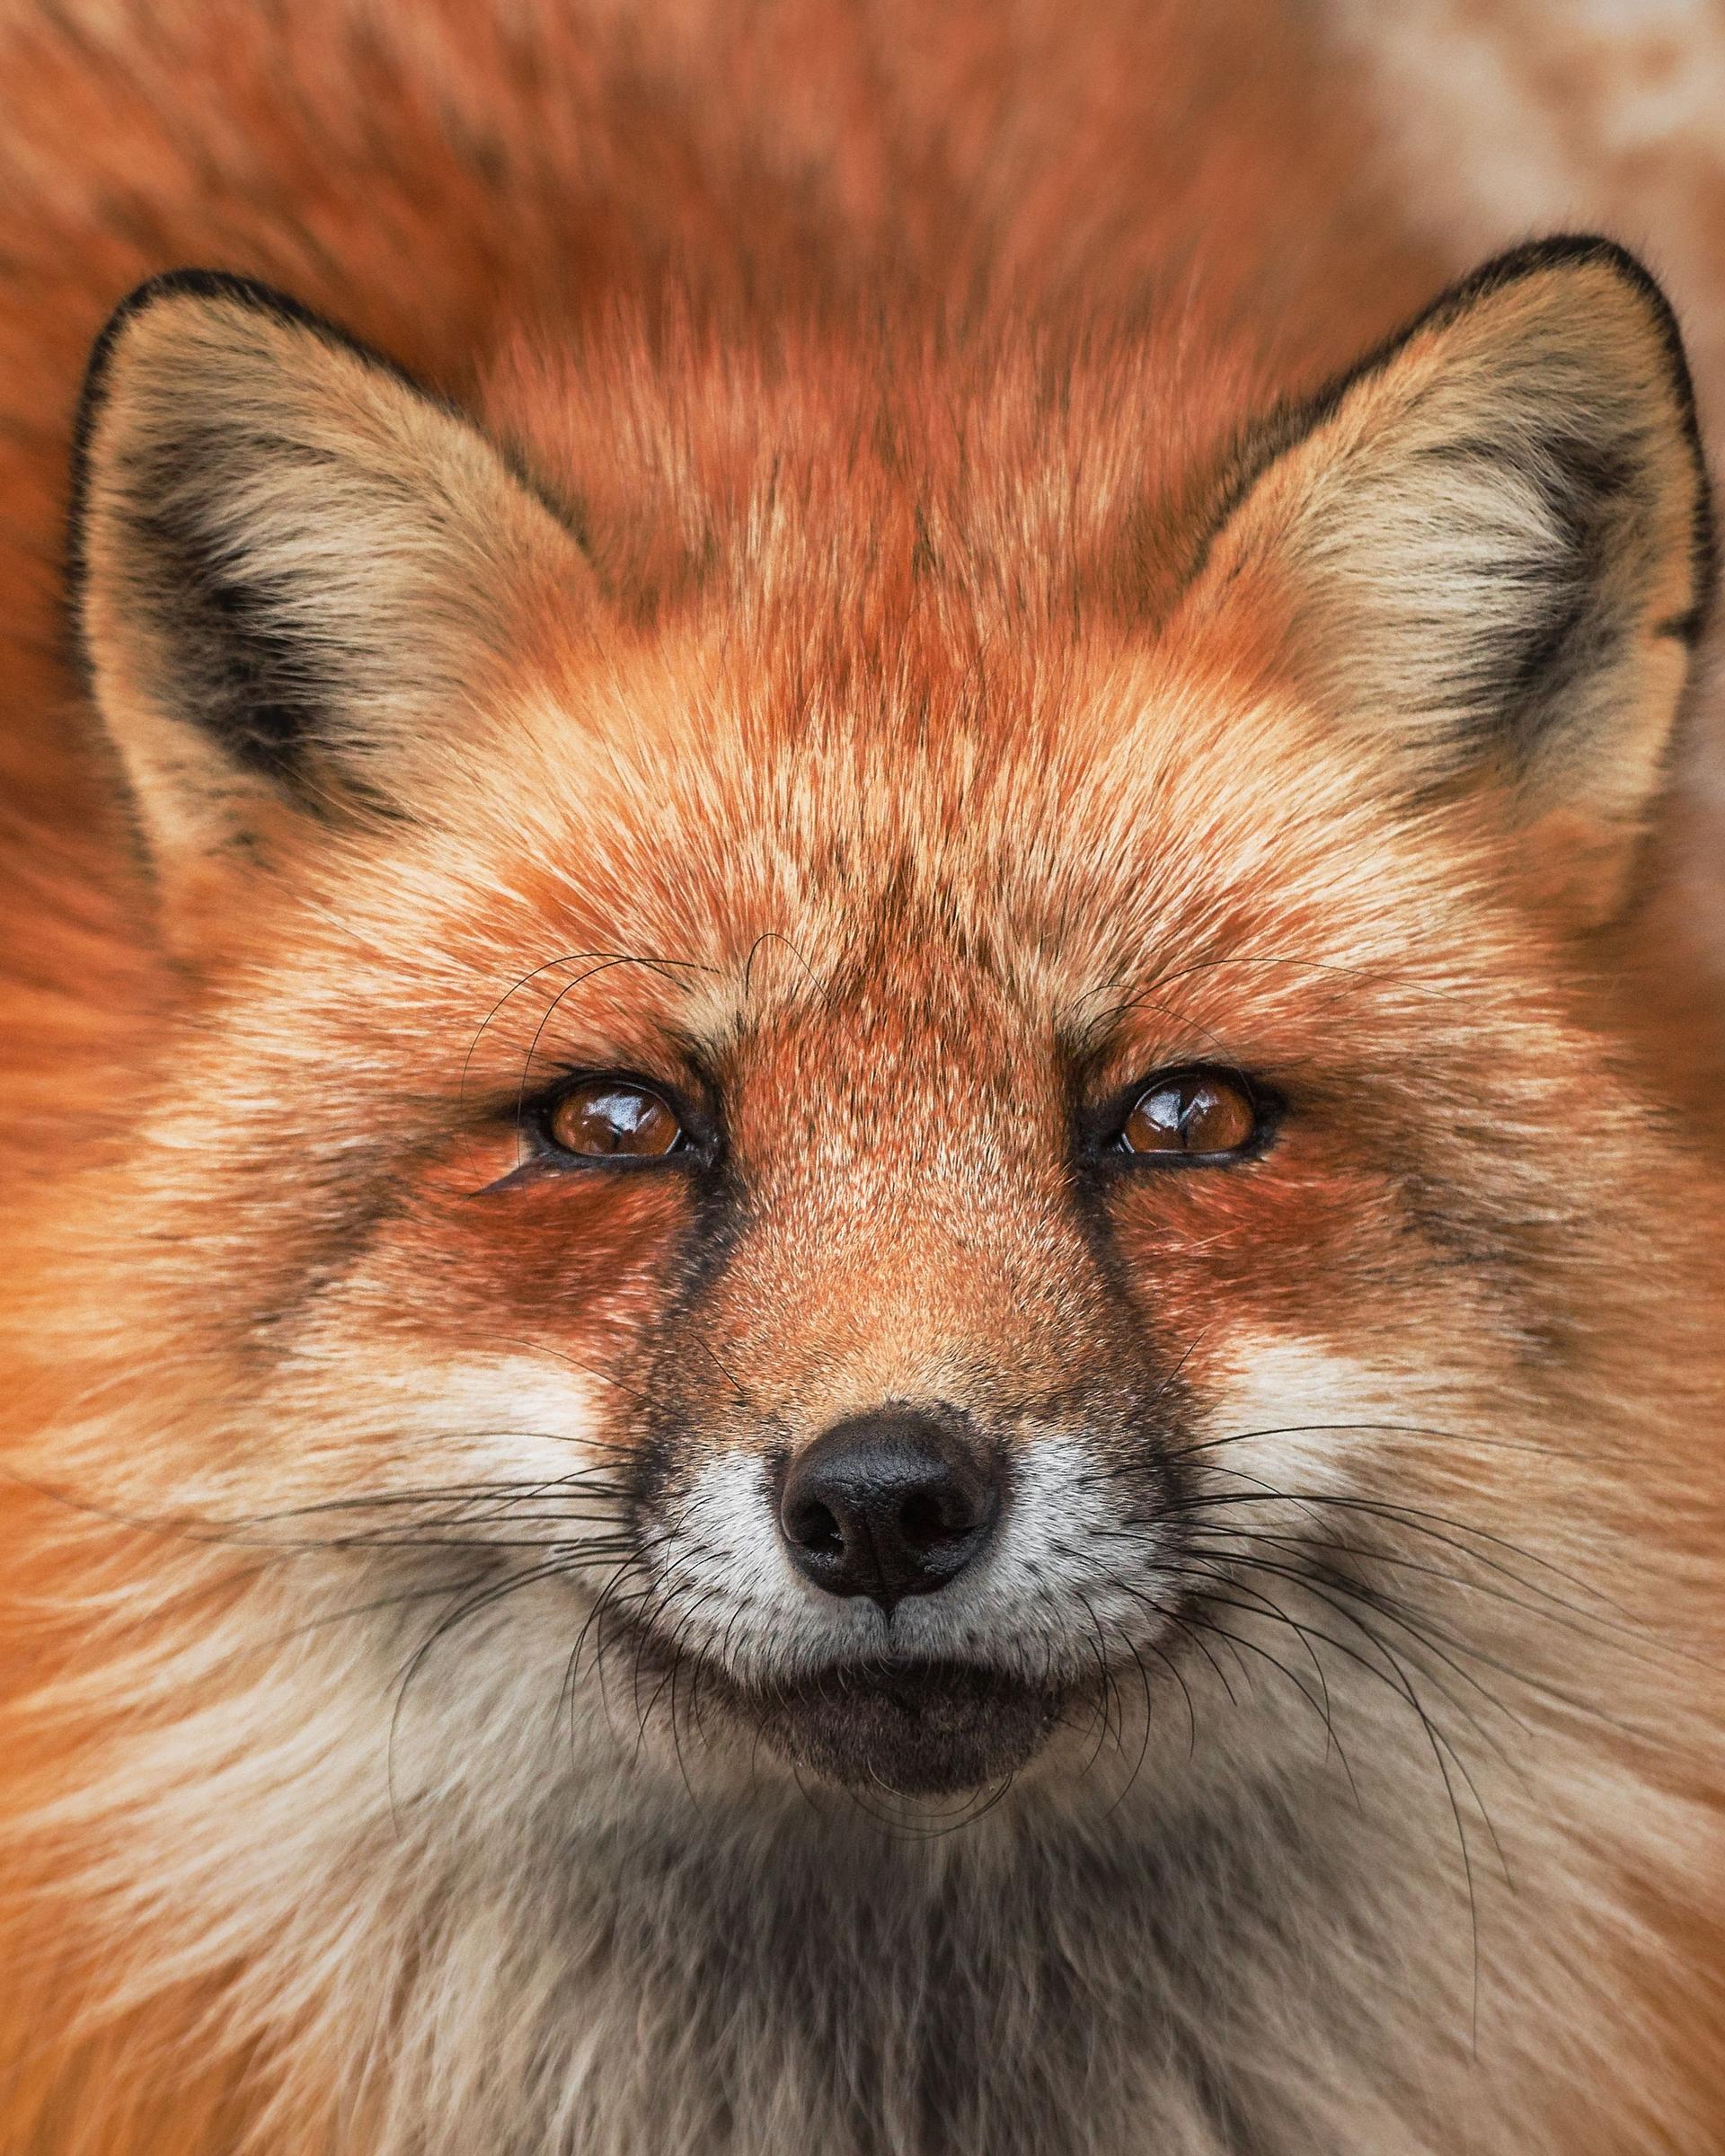 這隻住在藏王狐狸村裡的赤狐樣子非常帥氣。藏王狐狸村是位於日本仙台市的野生狐狸保護地。